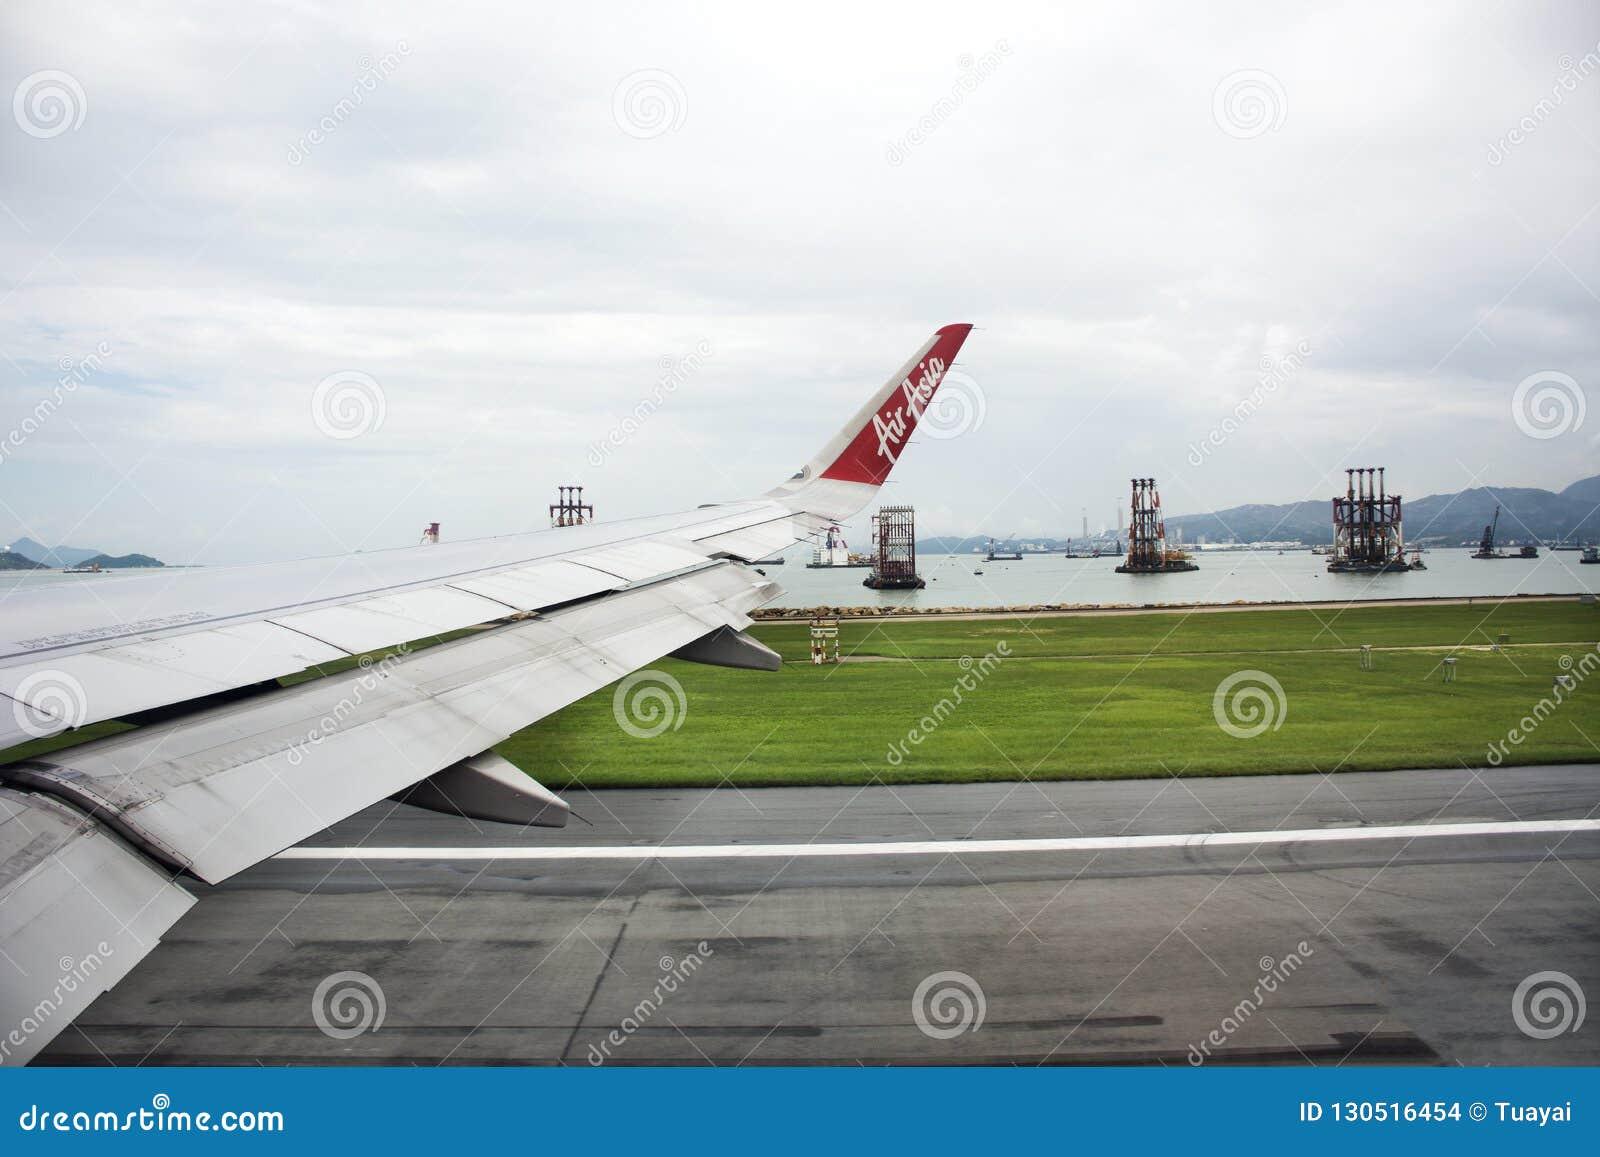 Airbus landing on runway at Hong Kong International Airport in HongKong China